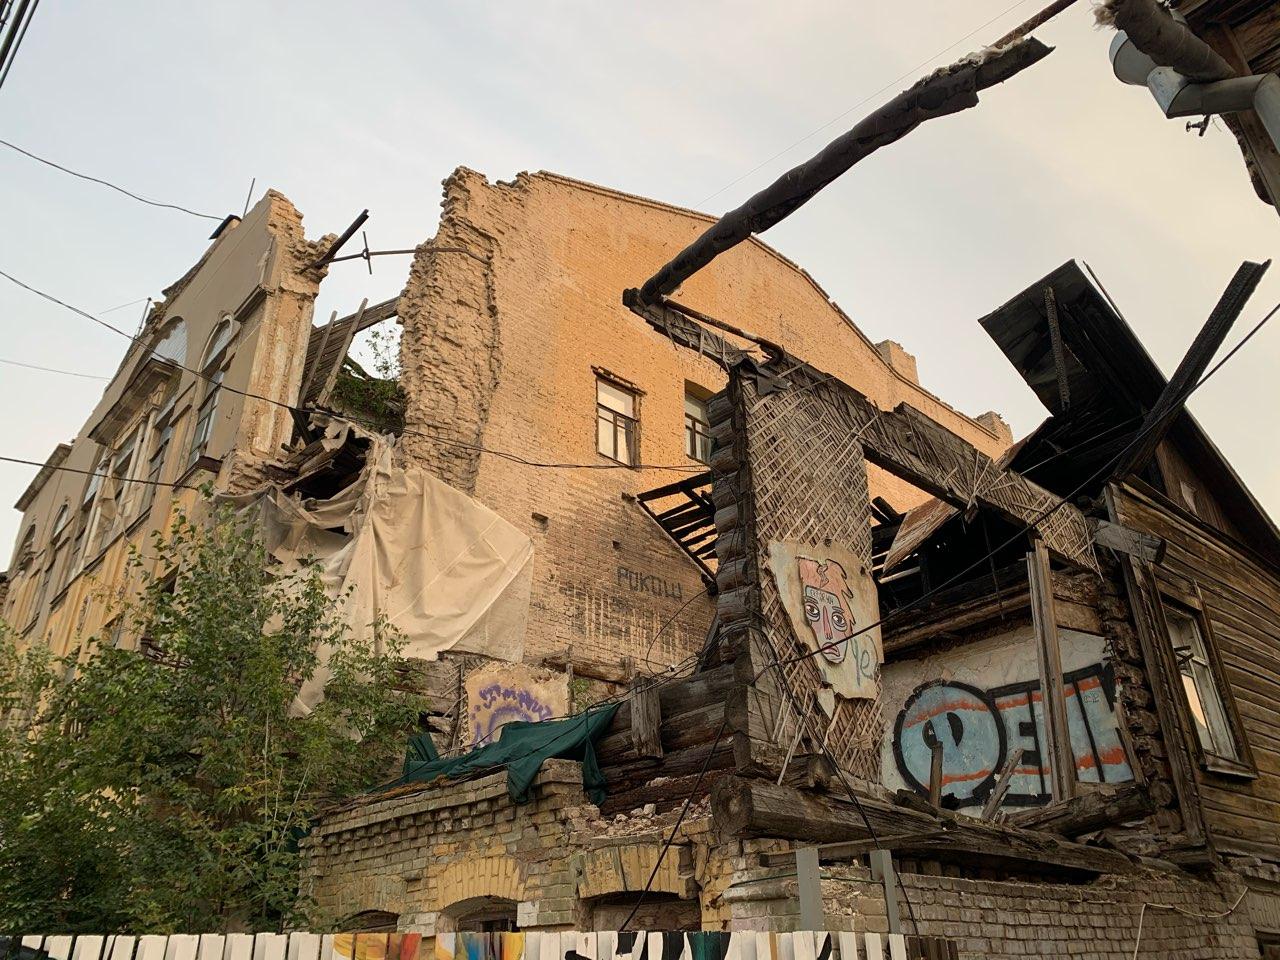 Сергей Петров: Нижний Новгород сможет восстановить свою репутацию у девелоперов - фото 2